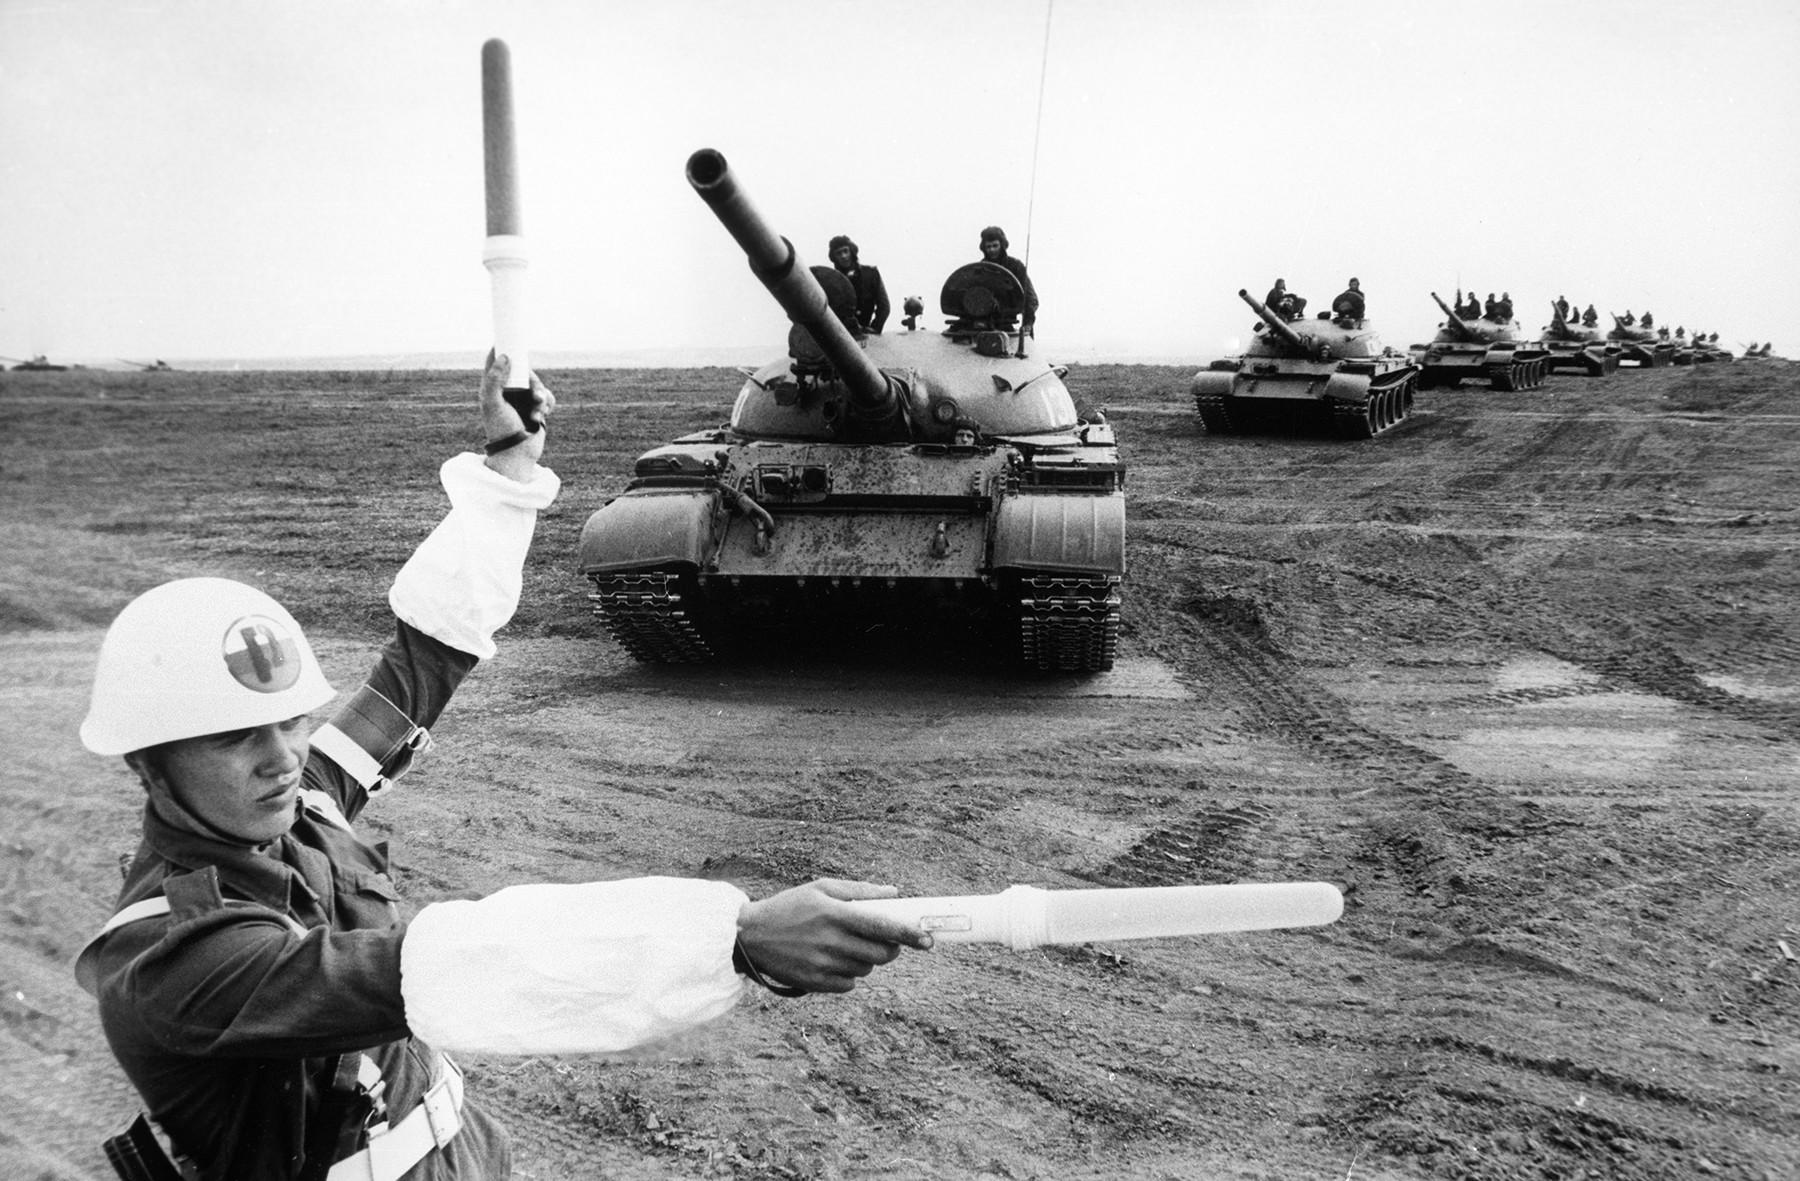 Exercices Bouclier-82 en République populaire de Bulgarie. Automne 1982.